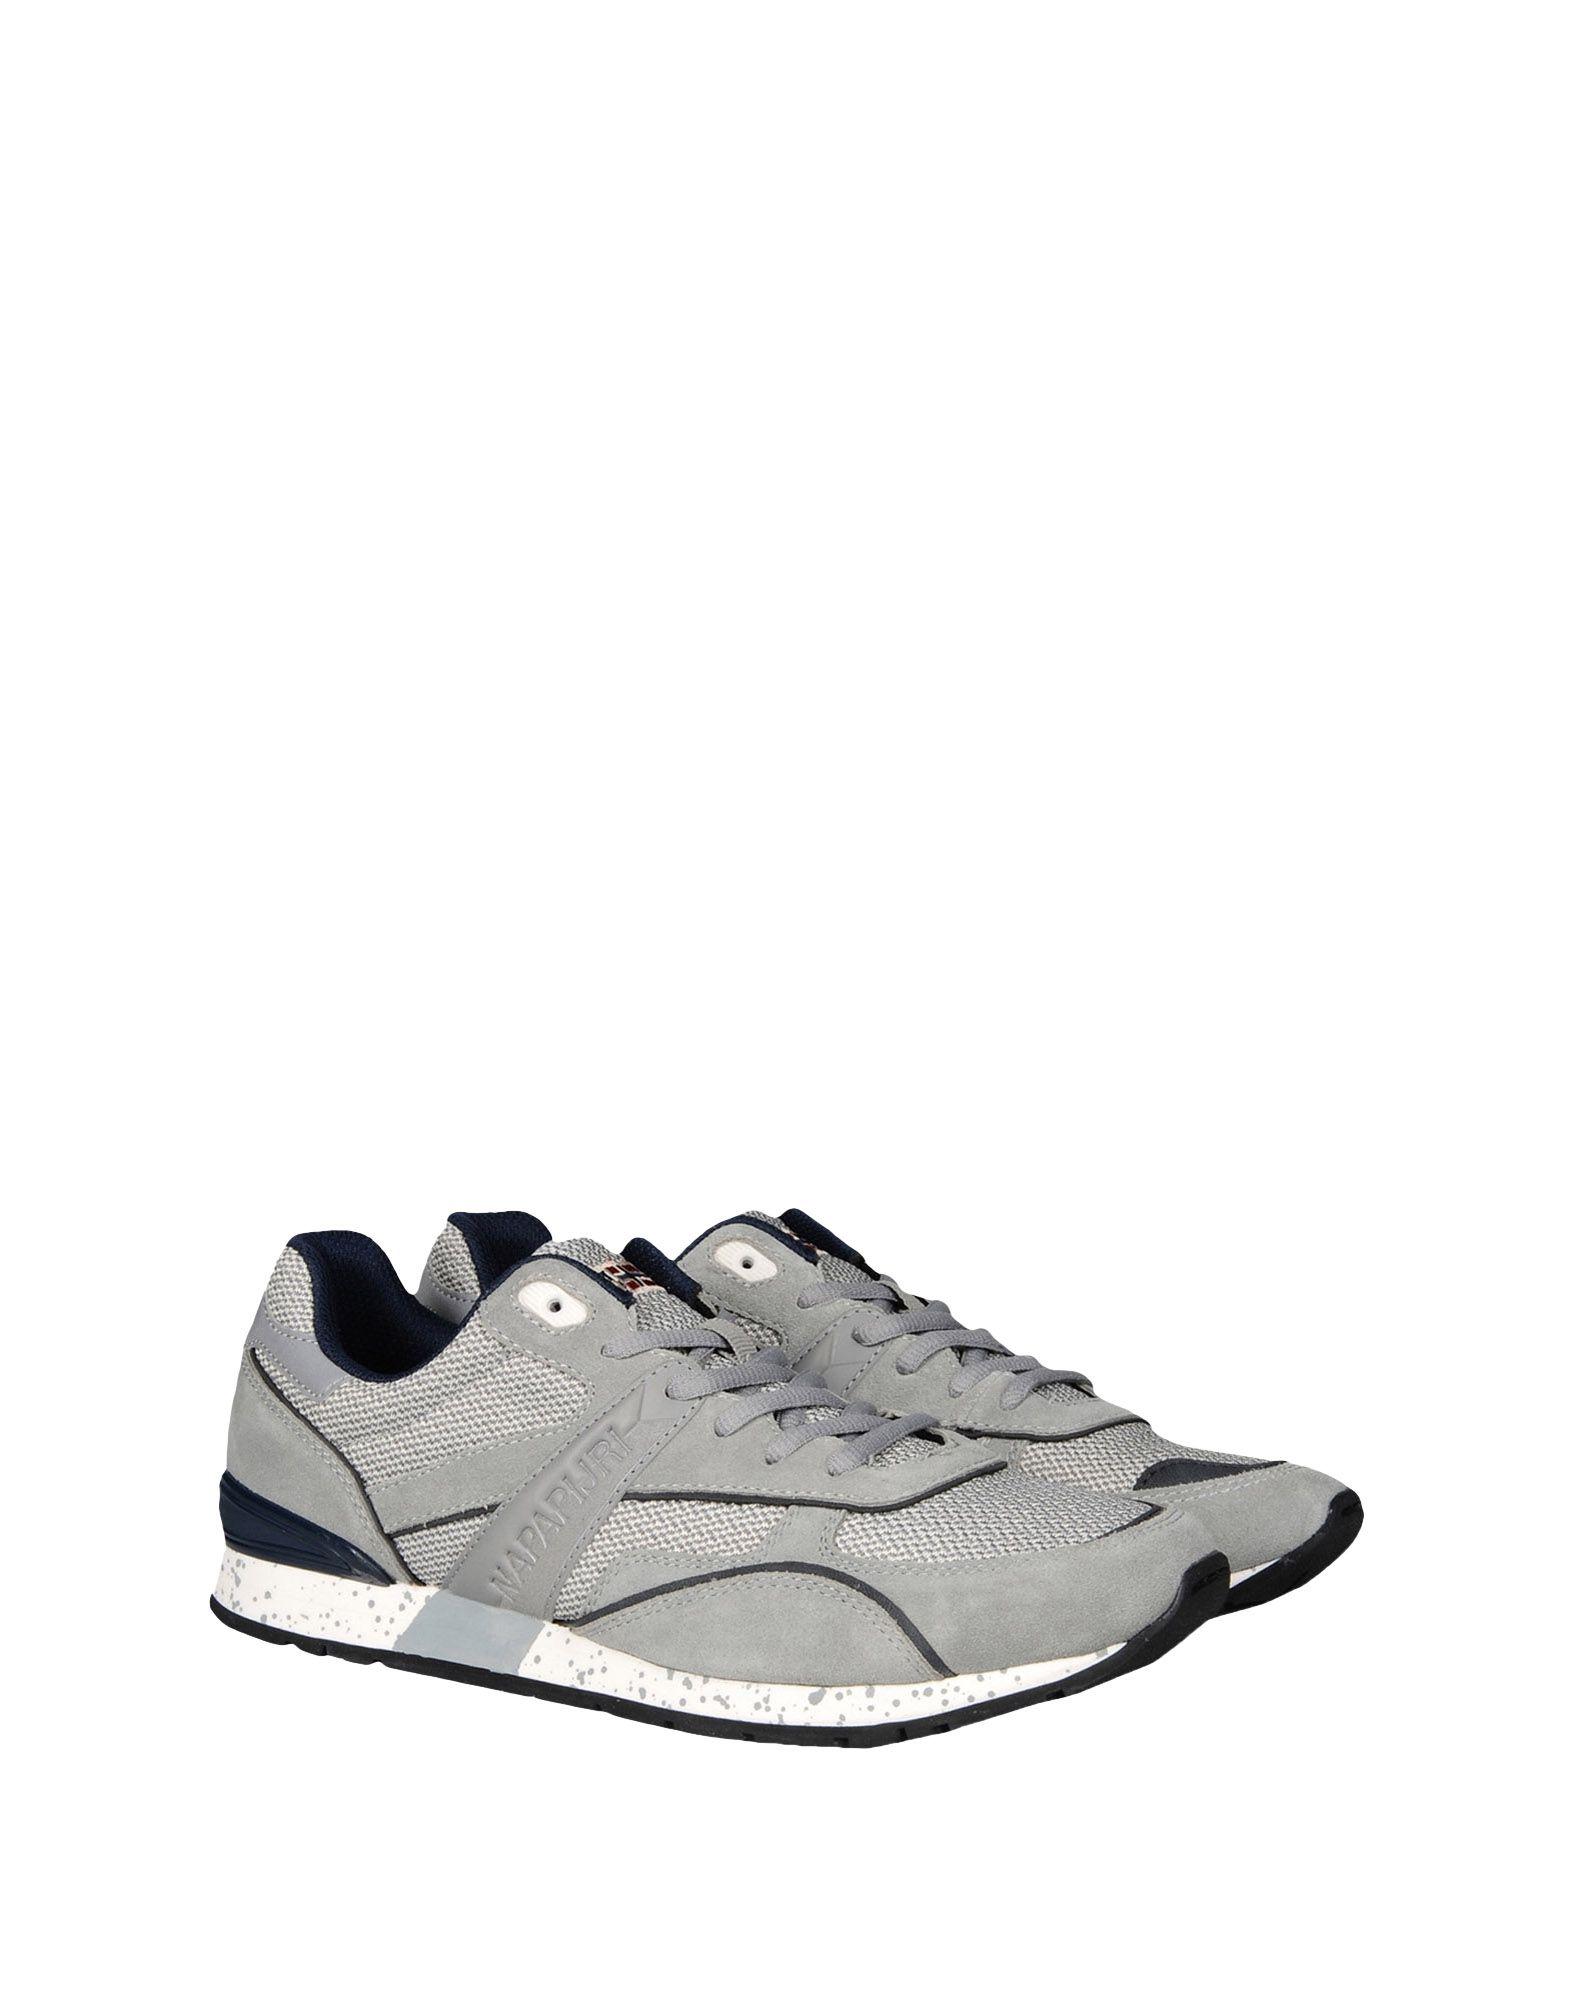 Sneakers Napapijri Uomo - 11306468UD Scarpe economiche e buone